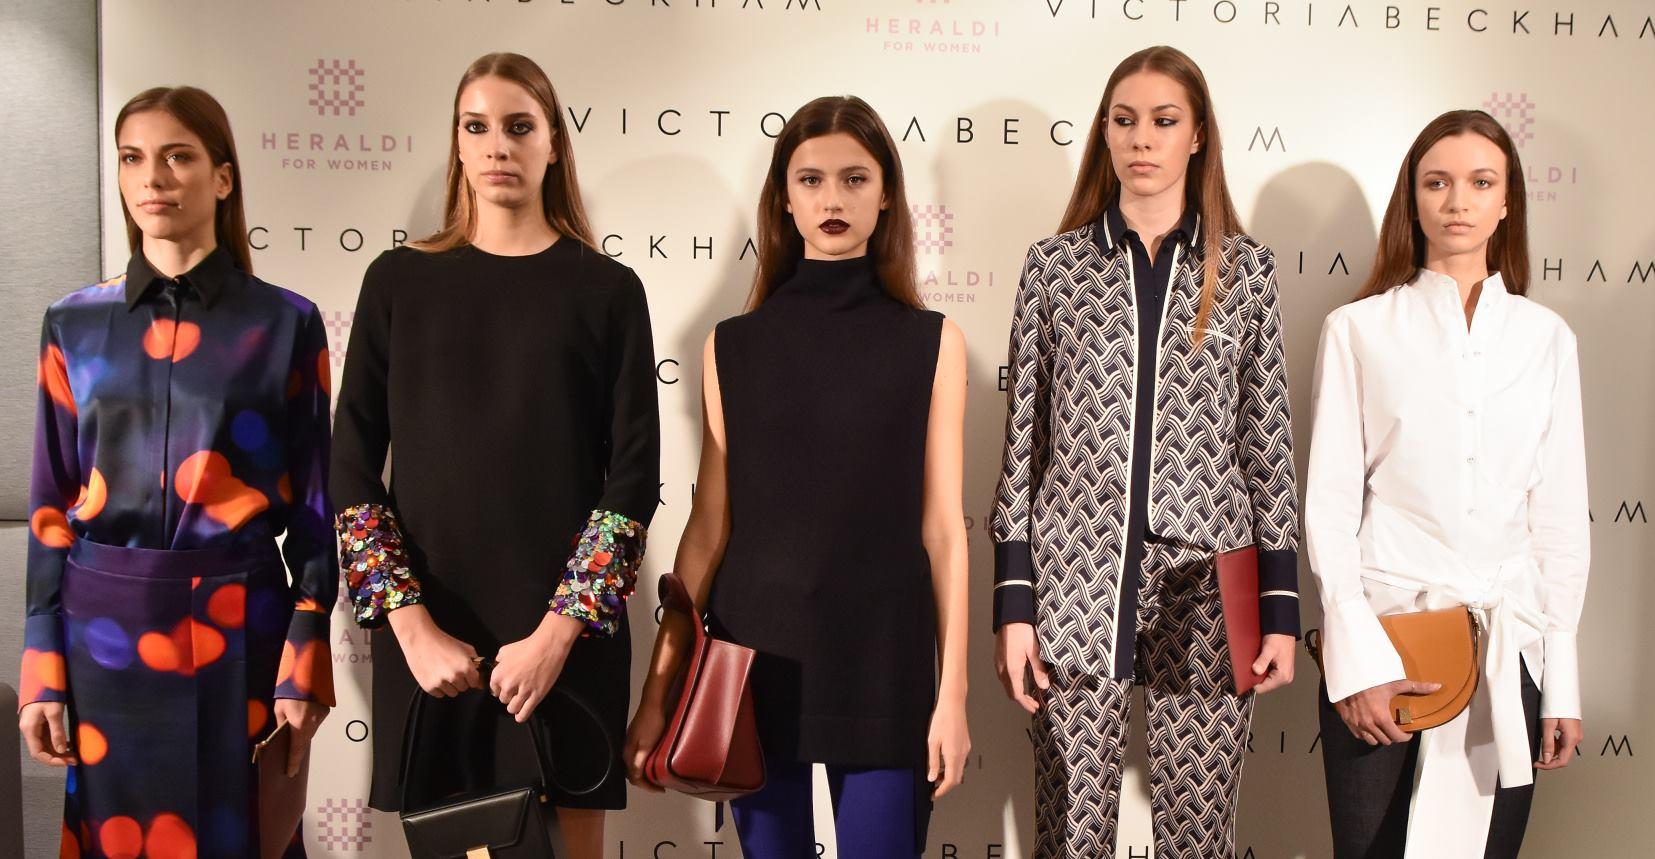 HERALDI FOR WOMEN Predstavljanje kolekcije jesen/zima dizajnerice Victorie Beckham